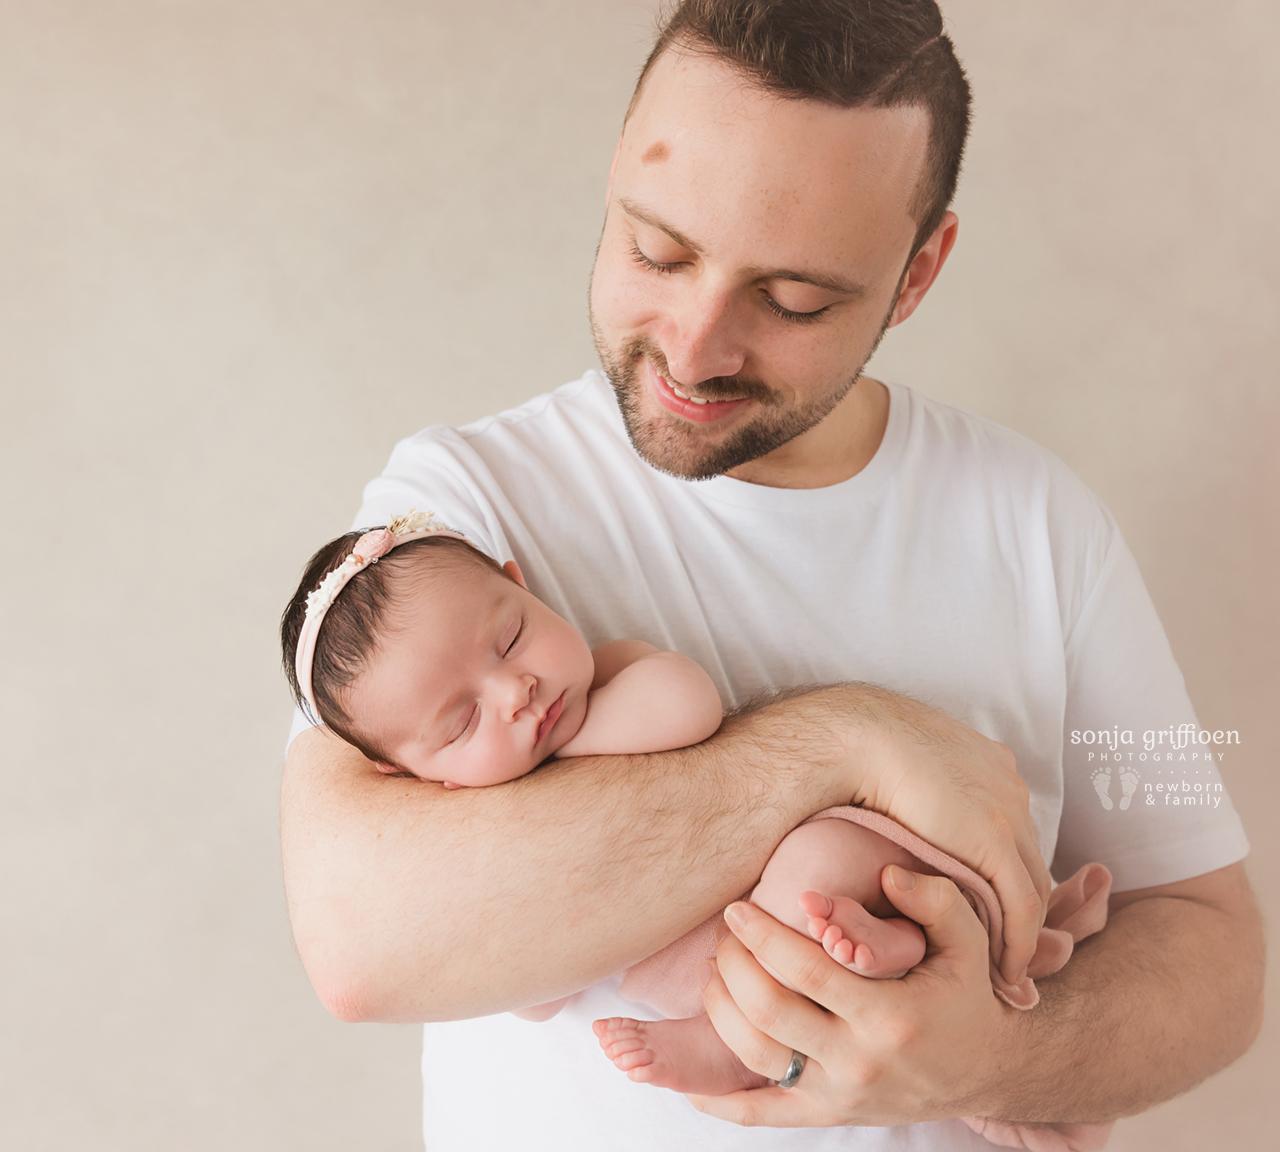 Annabella-Newborn-Brisbane-Newborn-Photographer-Sonja-Griffioen-26.jpg